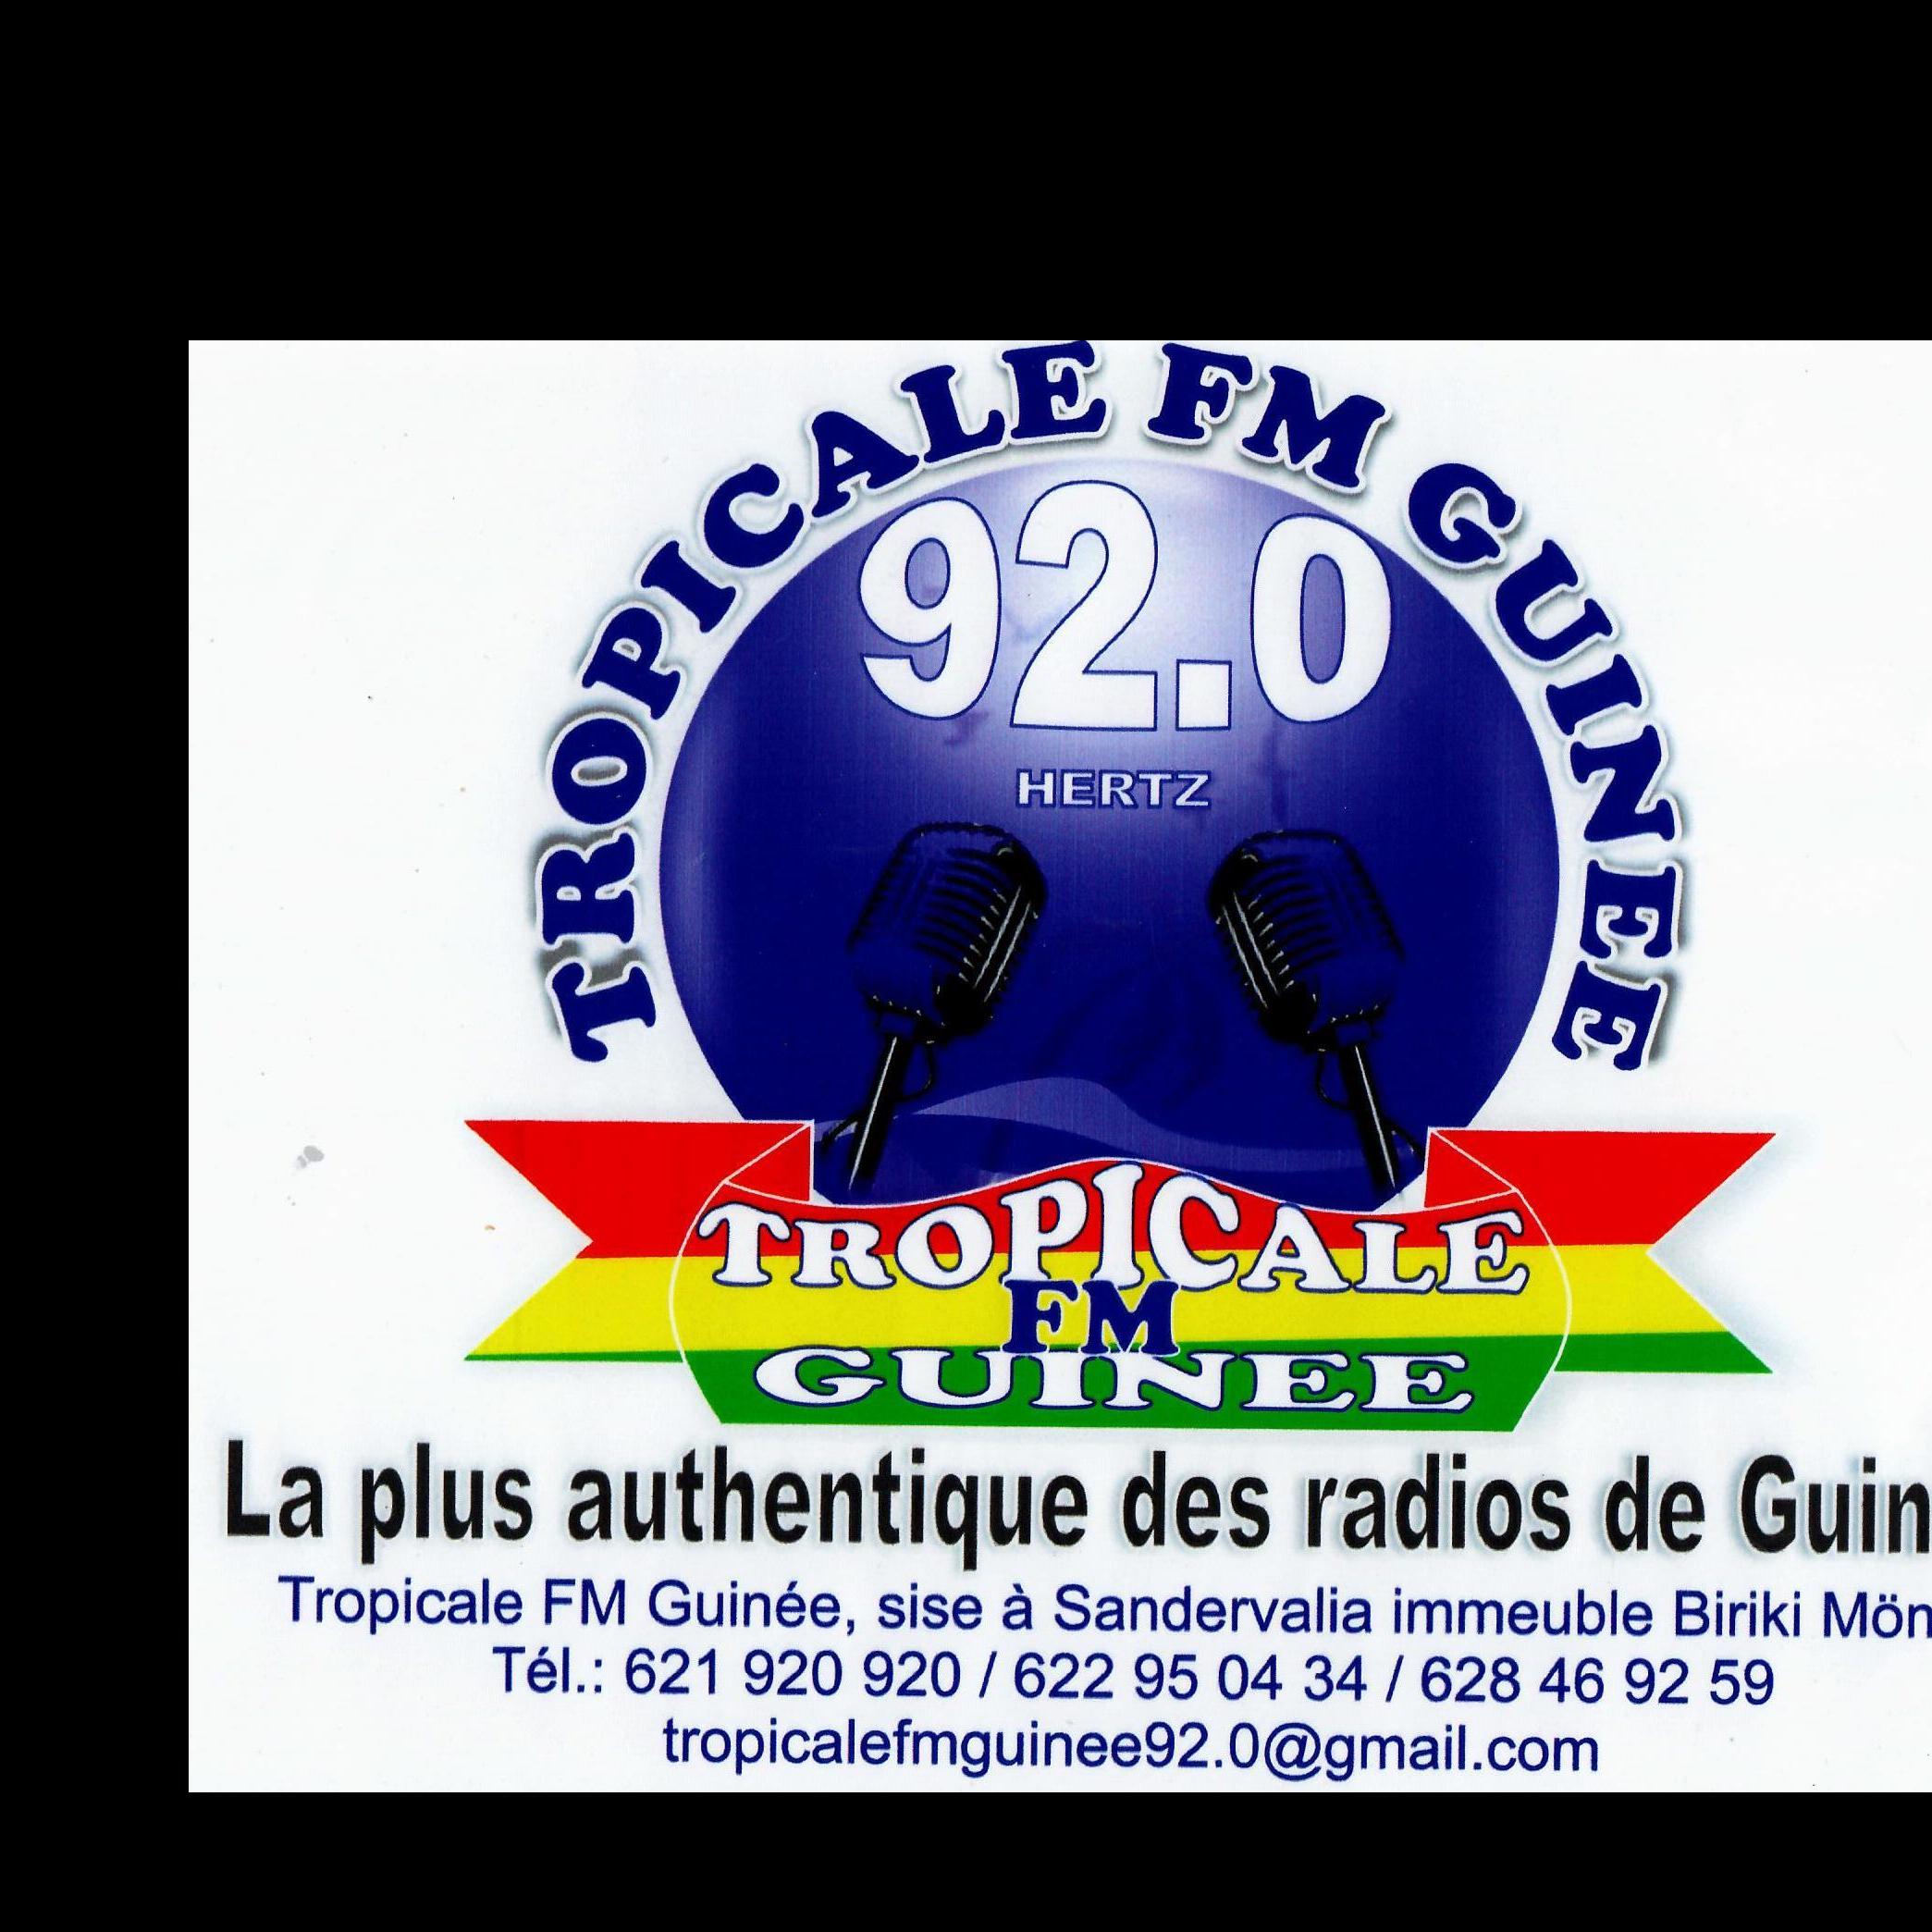 Tropicale FM Guinée